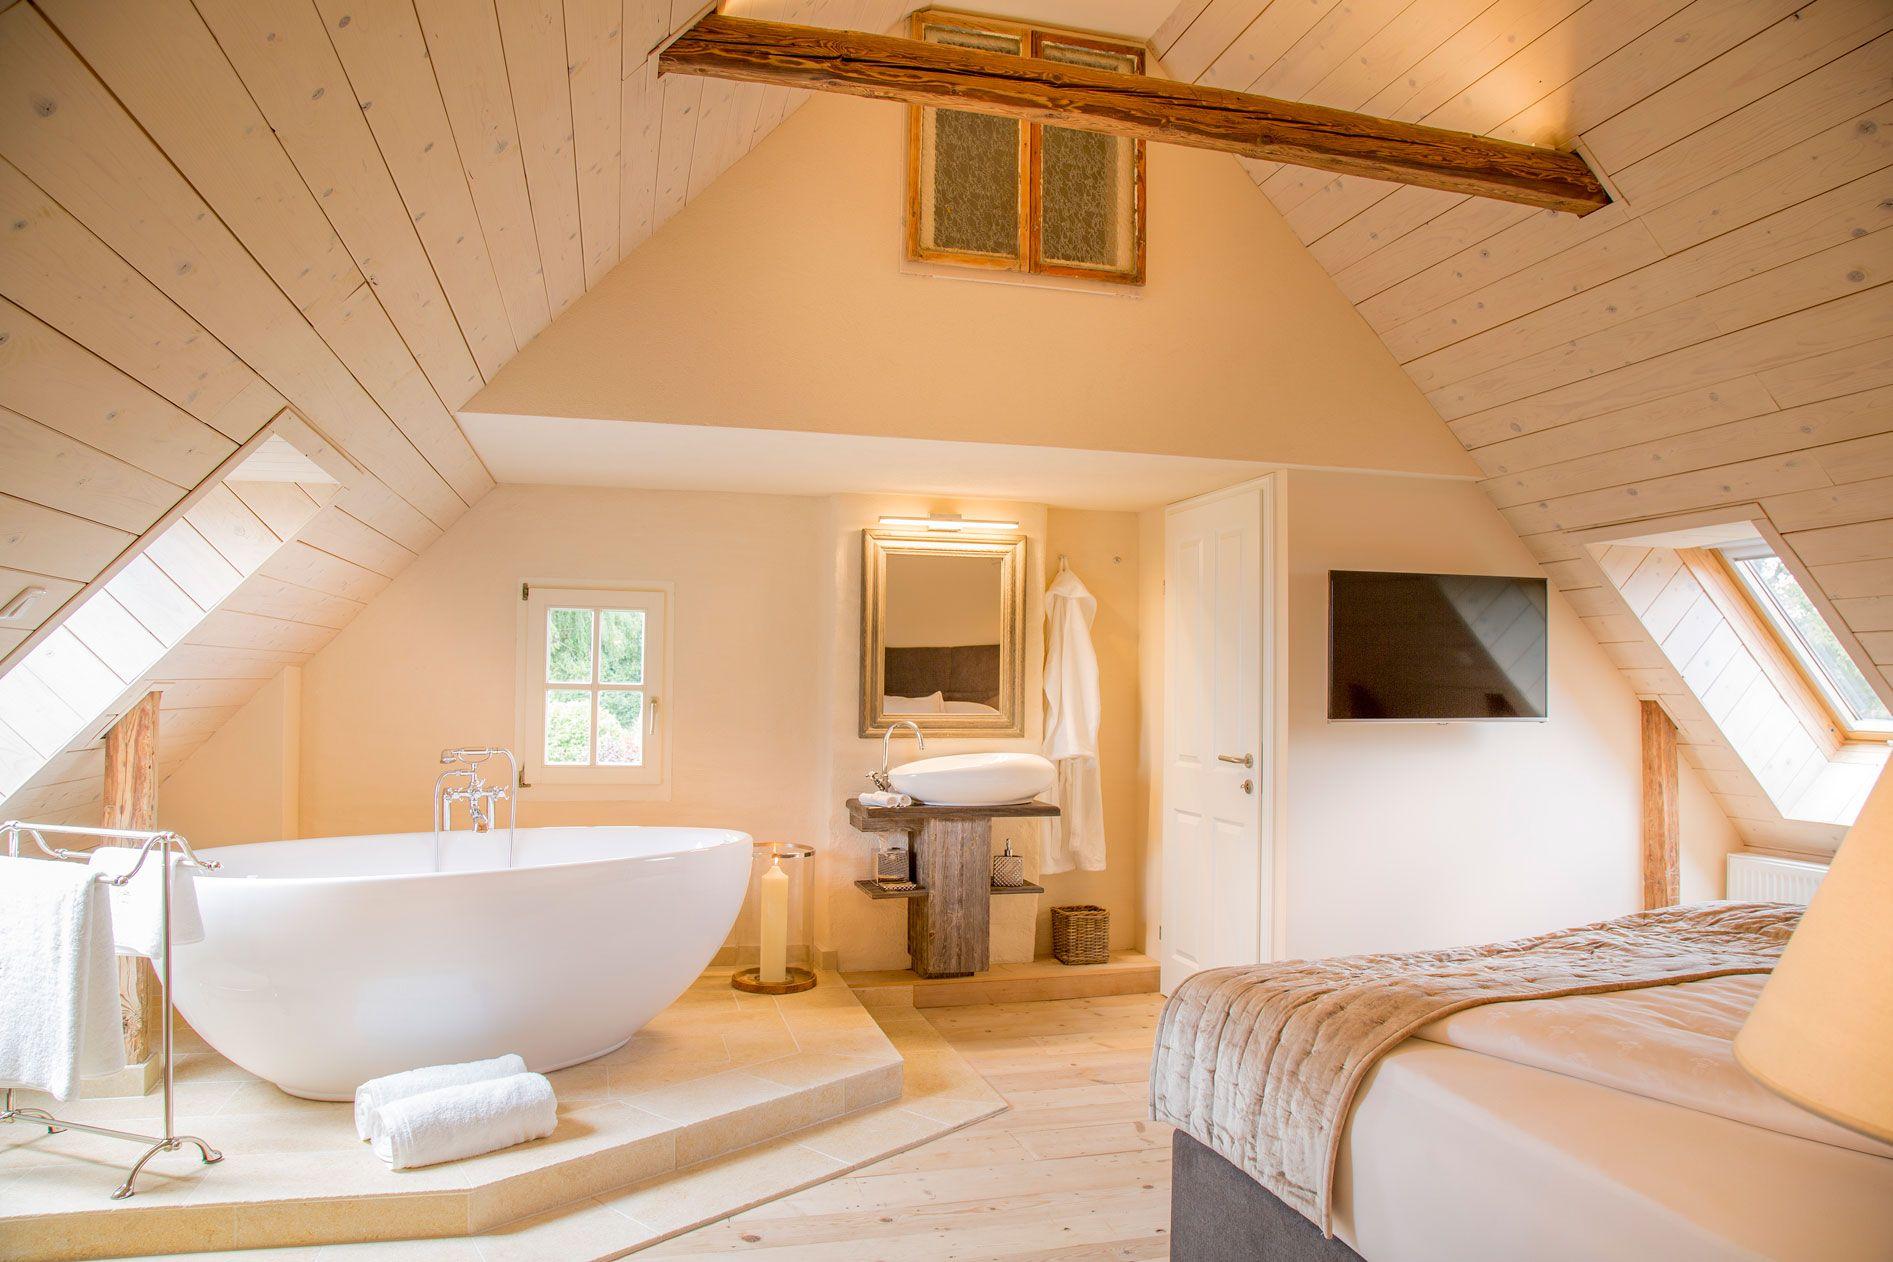 Luxusurlaub In Der Steiermark: Schlafzimmer Mit